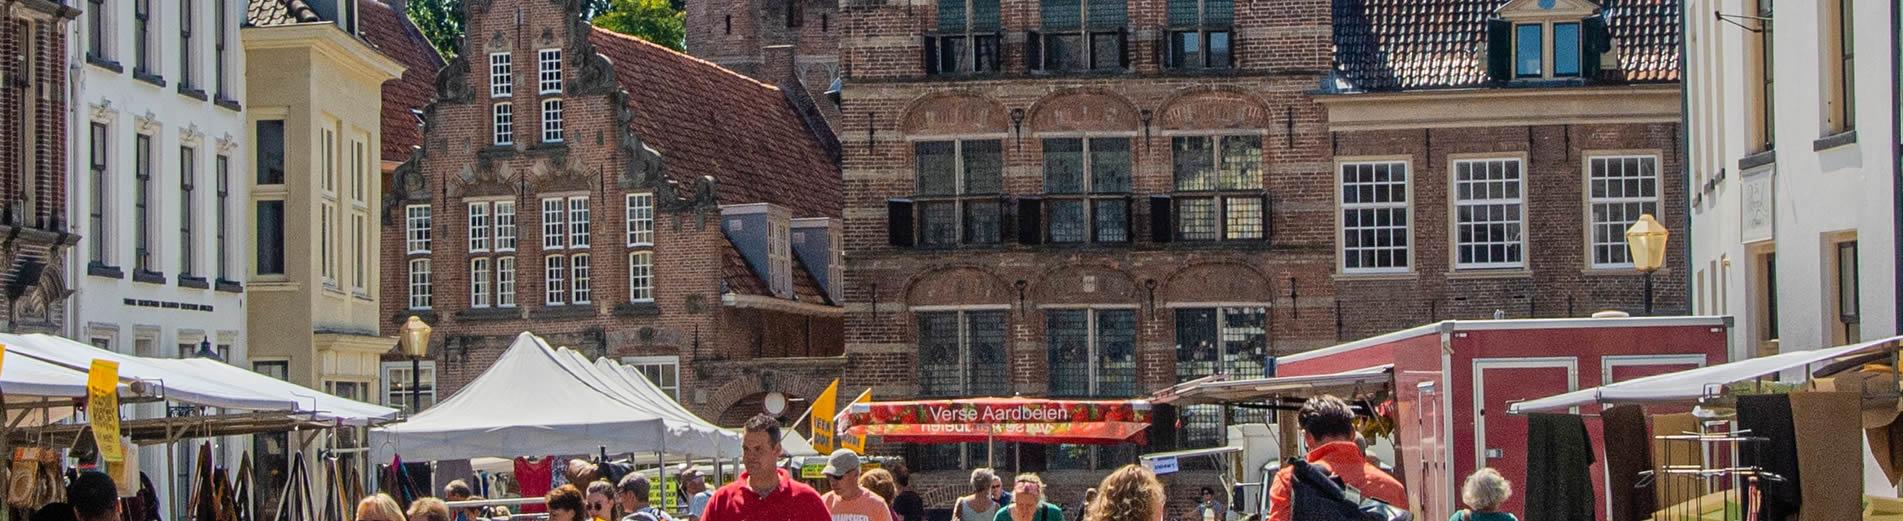 Markt in Zutphen